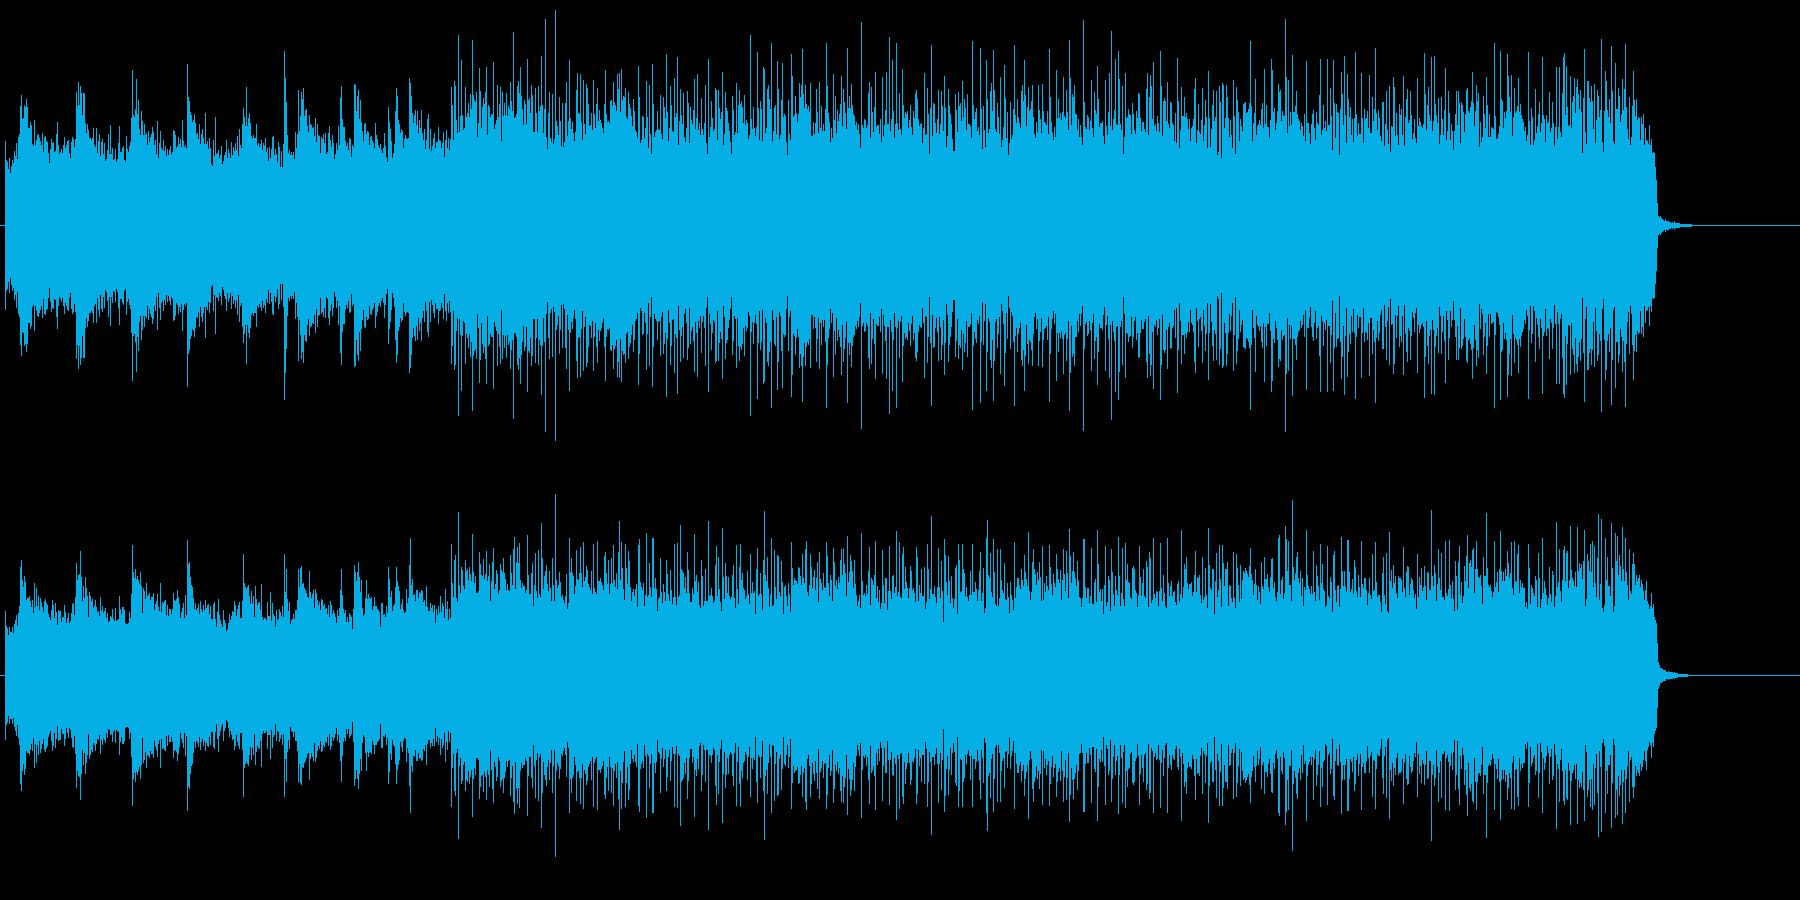 オープニング・テーマ向けヘビー・メタルの再生済みの波形